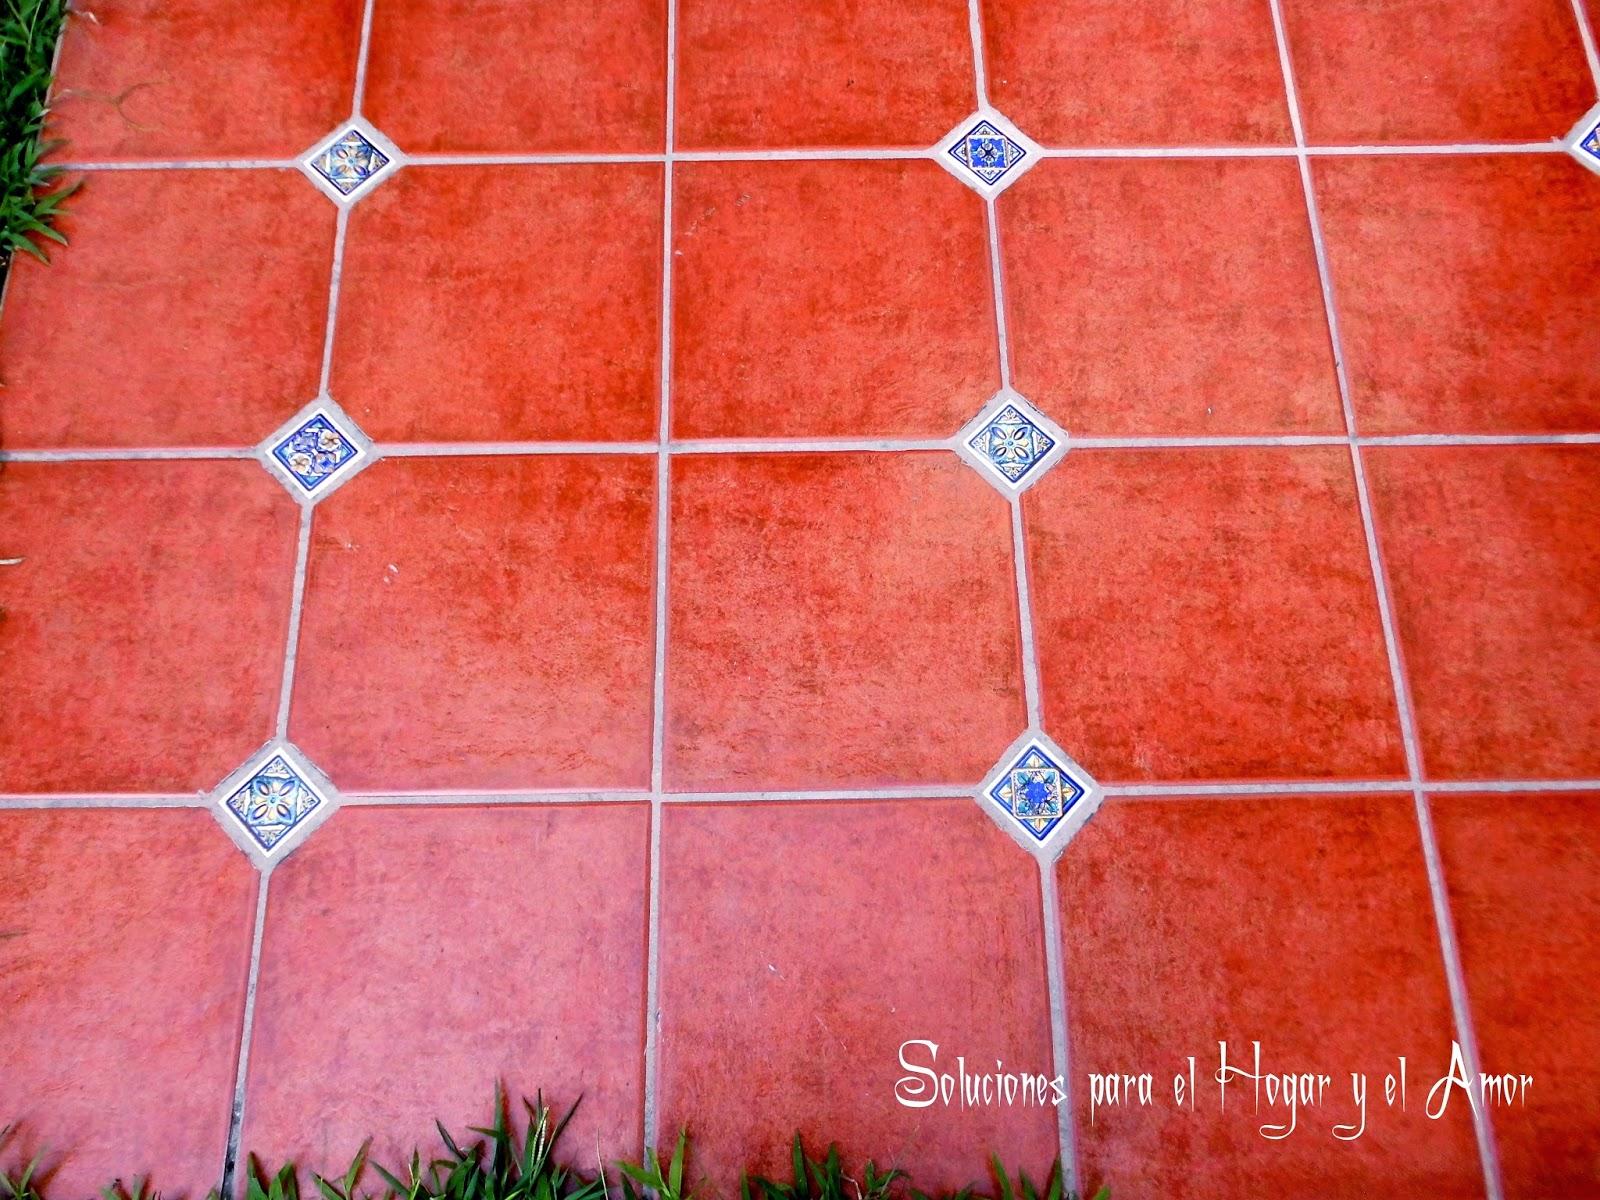 Soluciones para el hogar y el amor acentos decorativos de for Pisos para patios rusticos